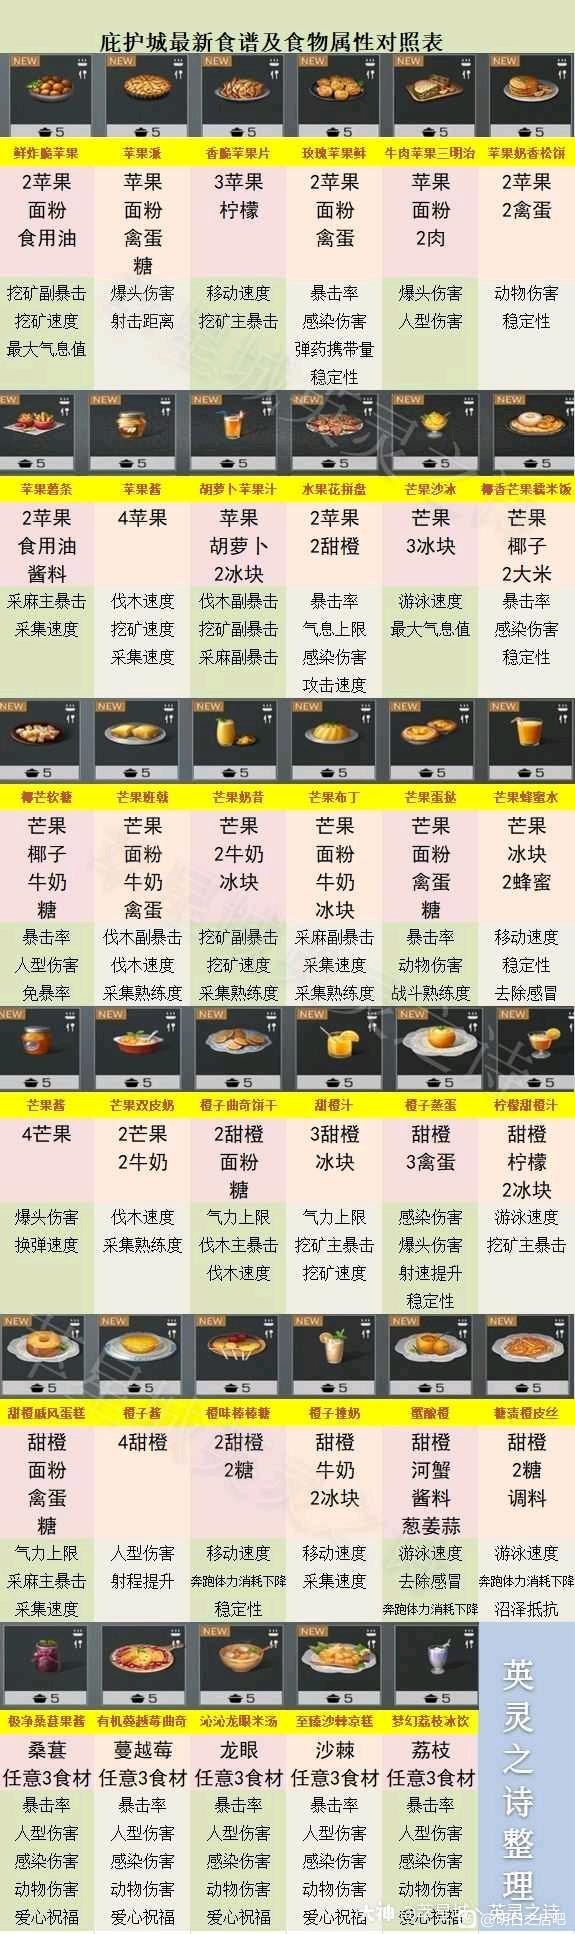 《明日之后》庇护城版本新增食谱介绍